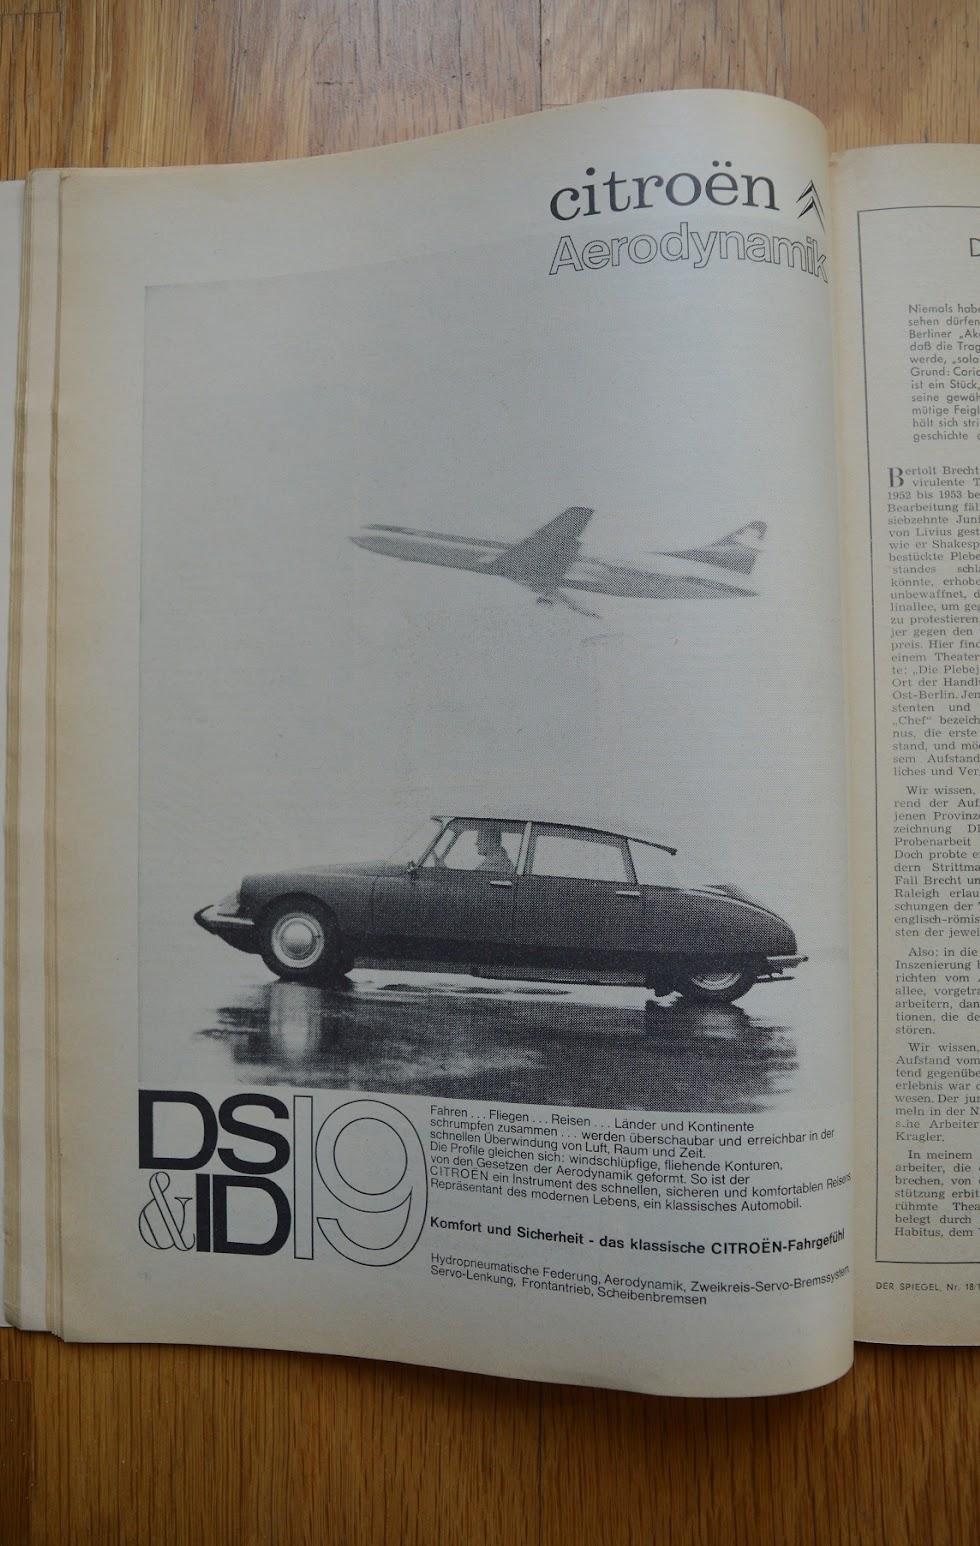 DER SPIEGEL, 29. April 1964 - Werbung für Citroen